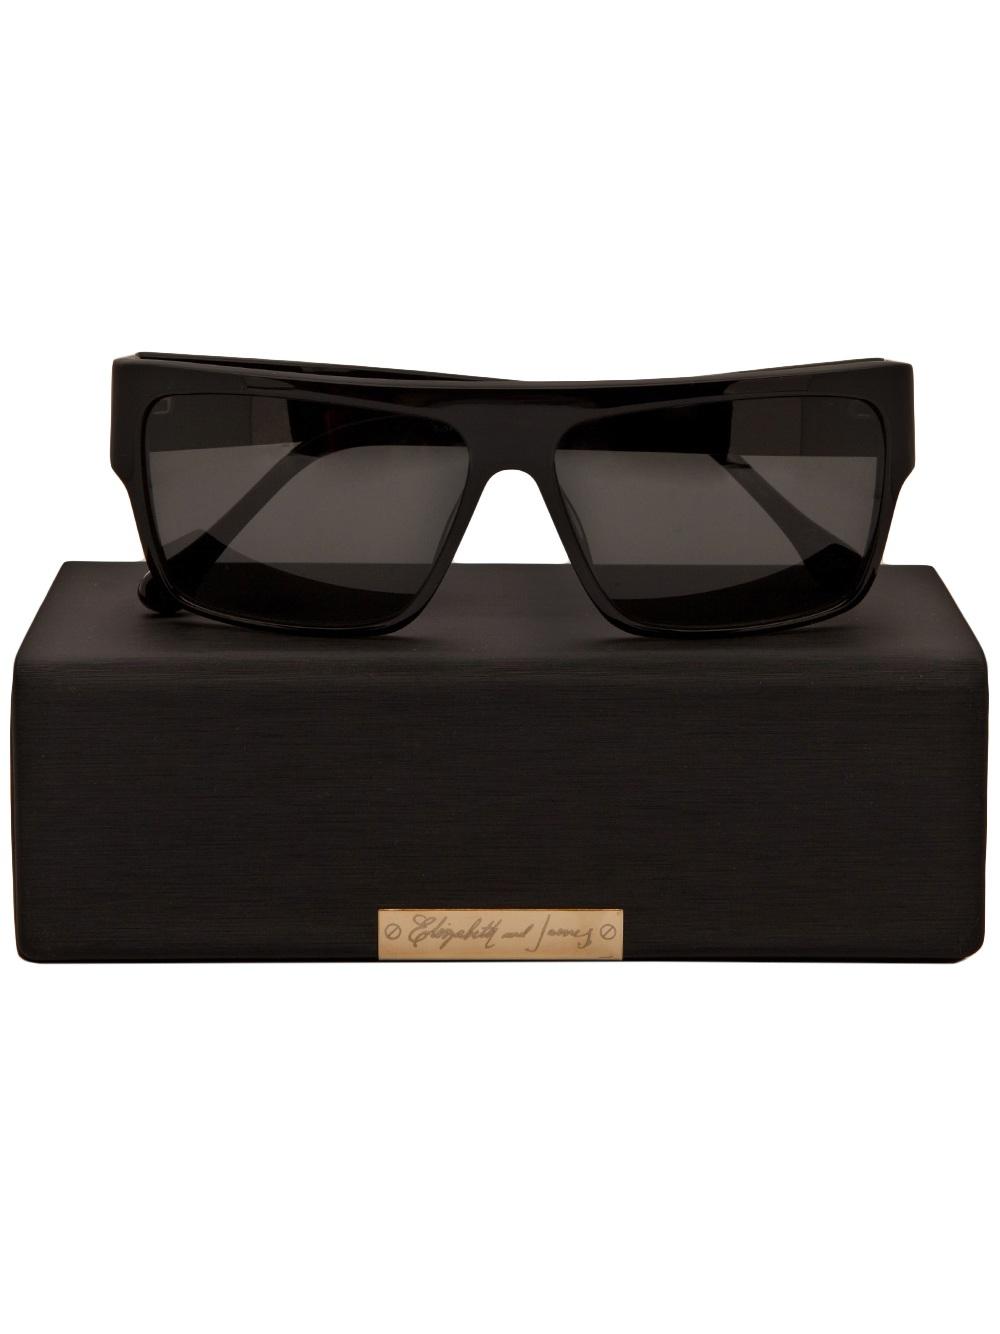 Elizabeth and James Ortega Sunglasses in Black